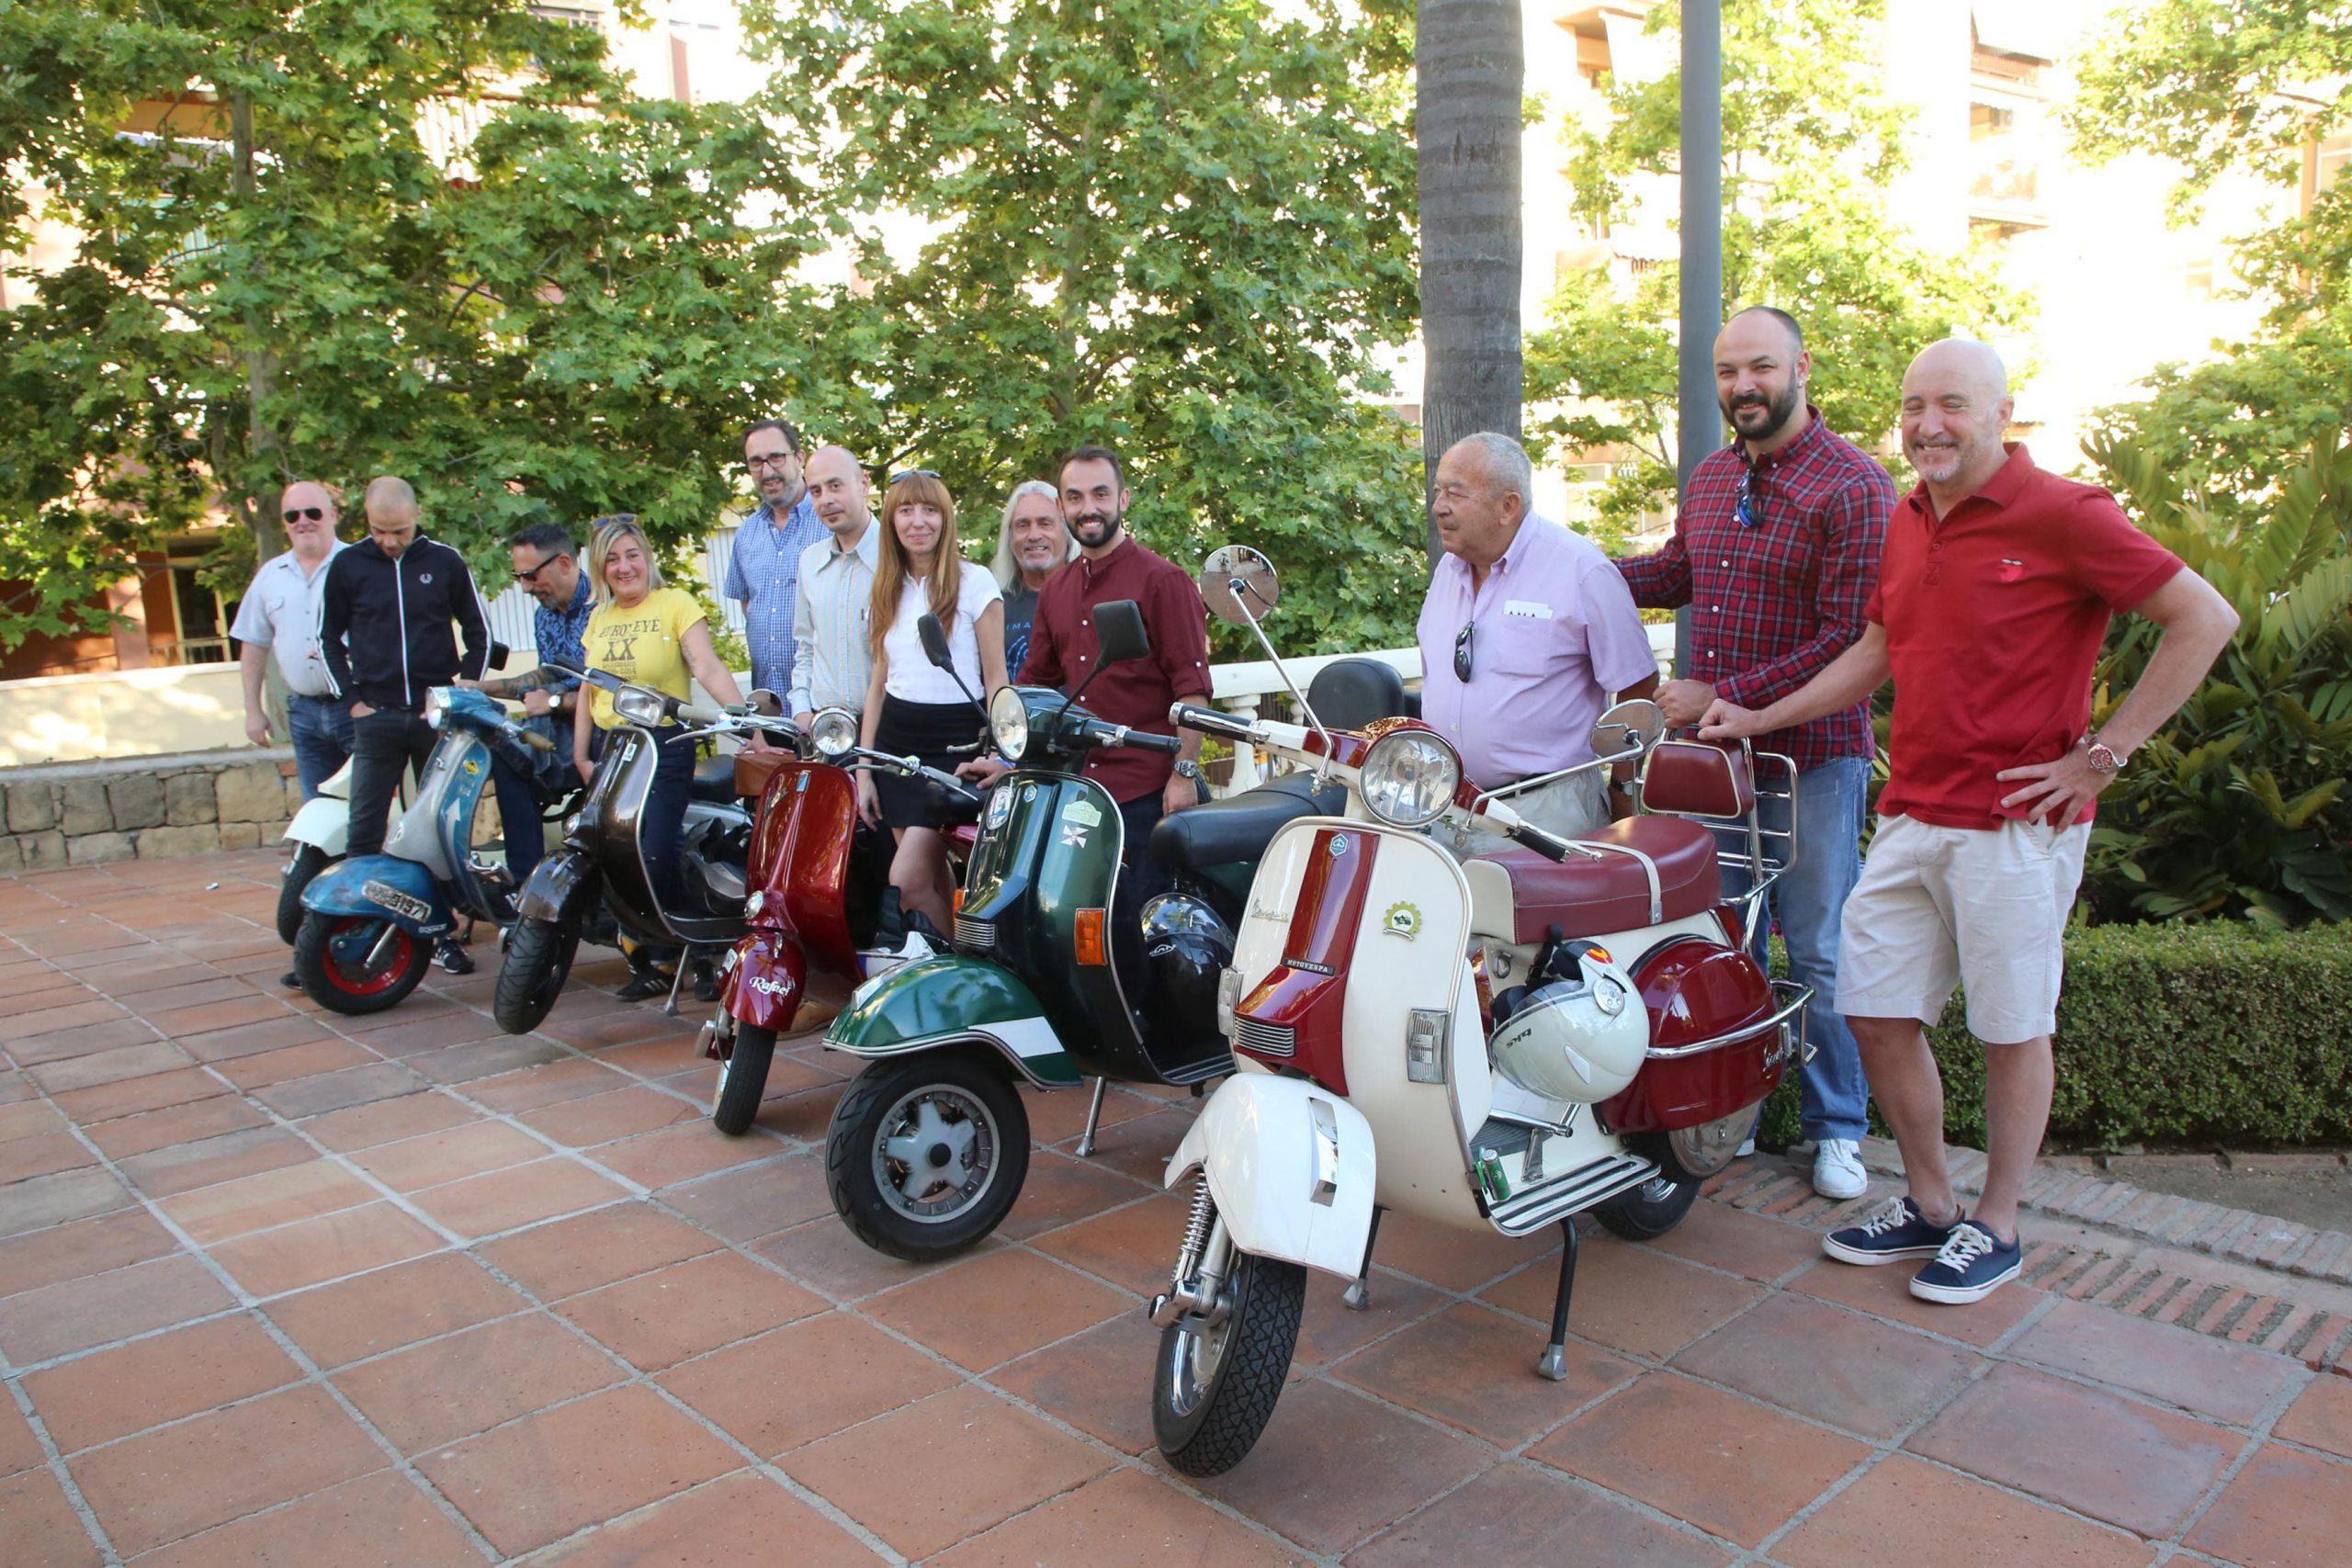 XIII Rally Scooterista en torno a las legendarias Vespas y Lambrettas en Marbella